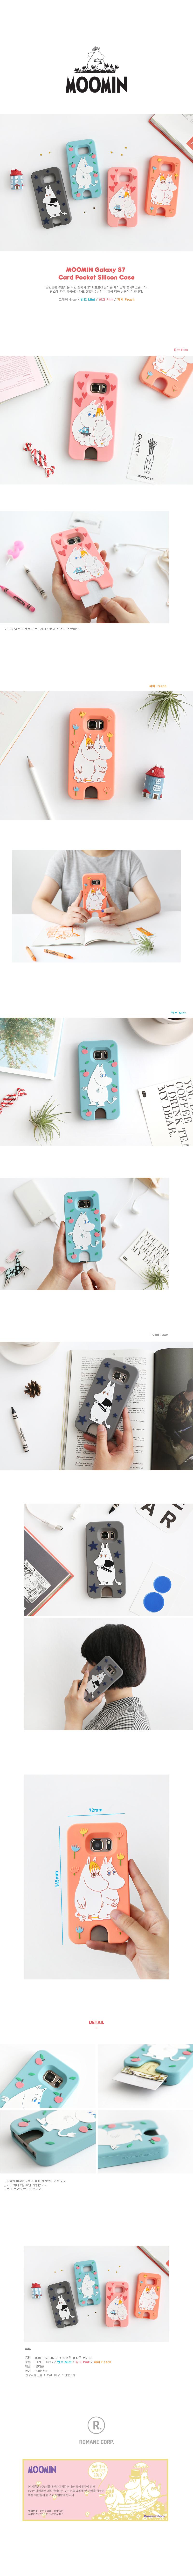 Moomin Galaxy S7 카드포켓 실리콘 케이스10,000원-로마네디지털, 삼성, 케이스, 갤럭시S7/S7엣지바보사랑Moomin Galaxy S7 카드포켓 실리콘 케이스10,000원-로마네디지털, 삼성, 케이스, 갤럭시S7/S7엣지바보사랑